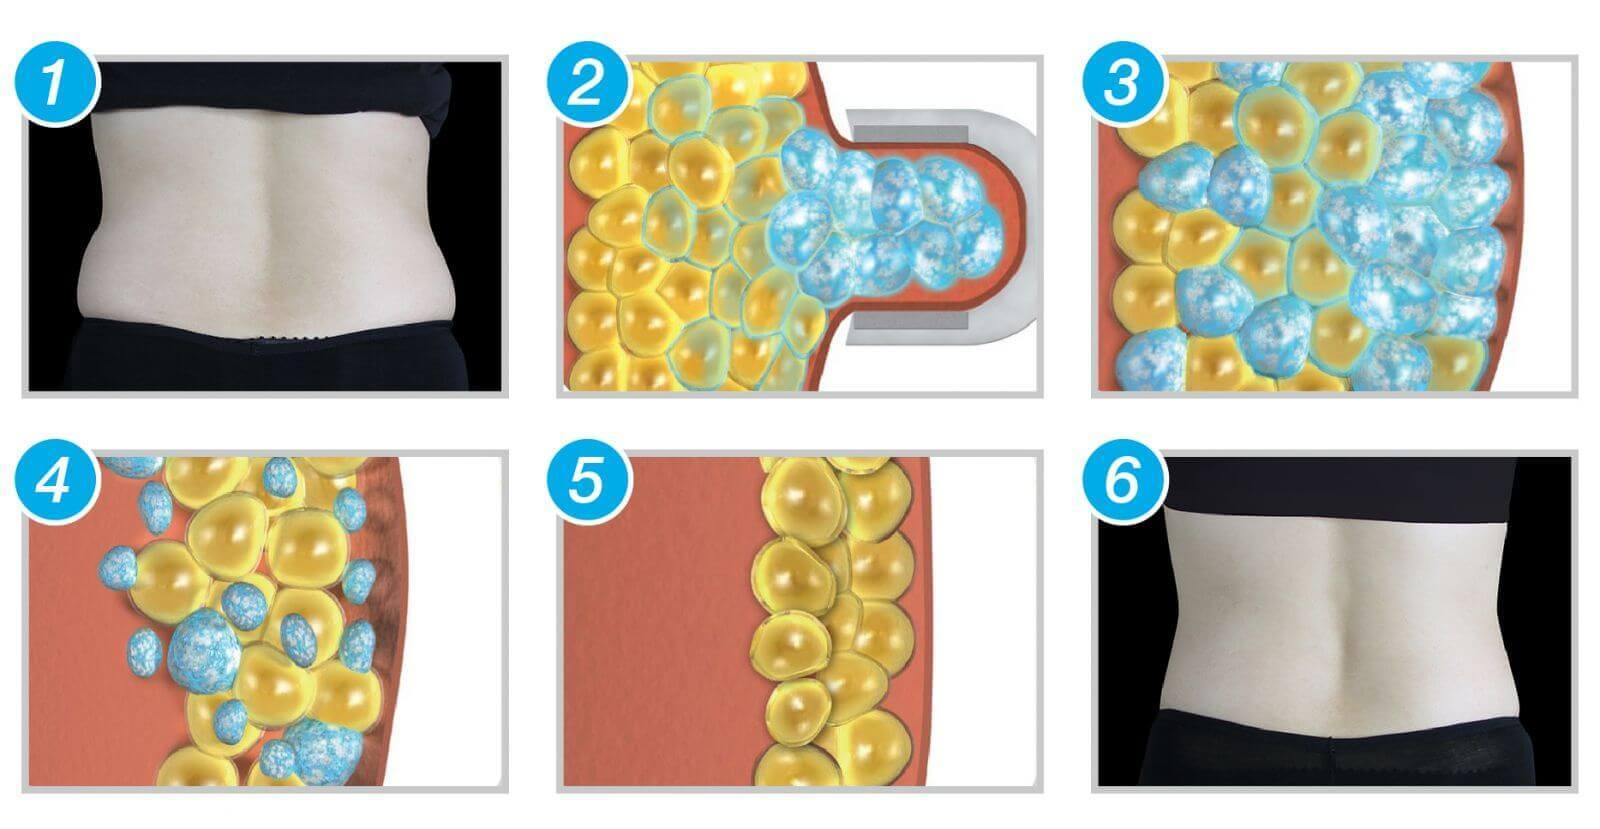 藉由控制冷凍溫度在患者皮膚部位進行治療